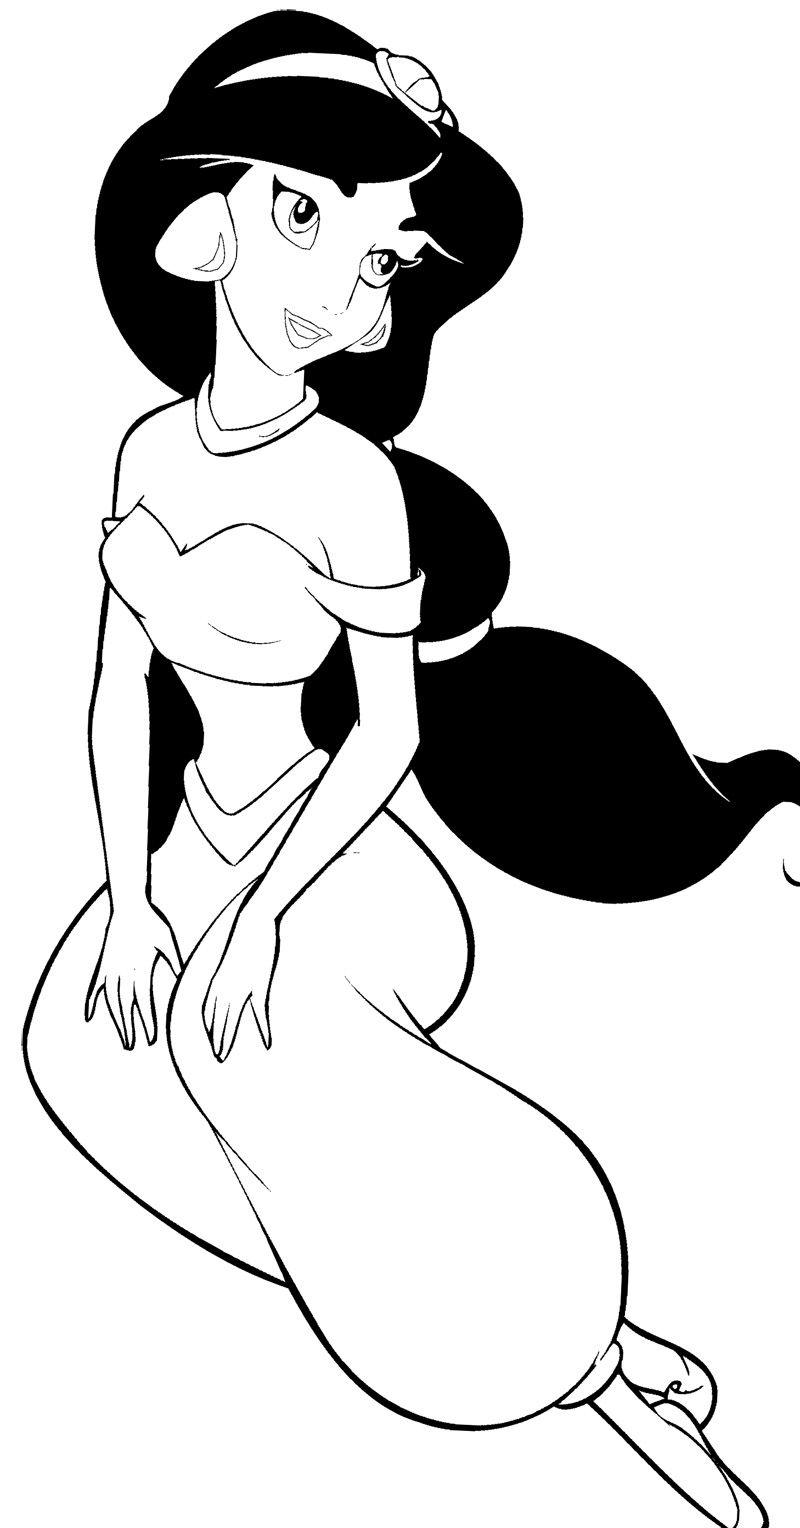 disney princess jasmine coloring page - Princess Jasmine Coloring Pages